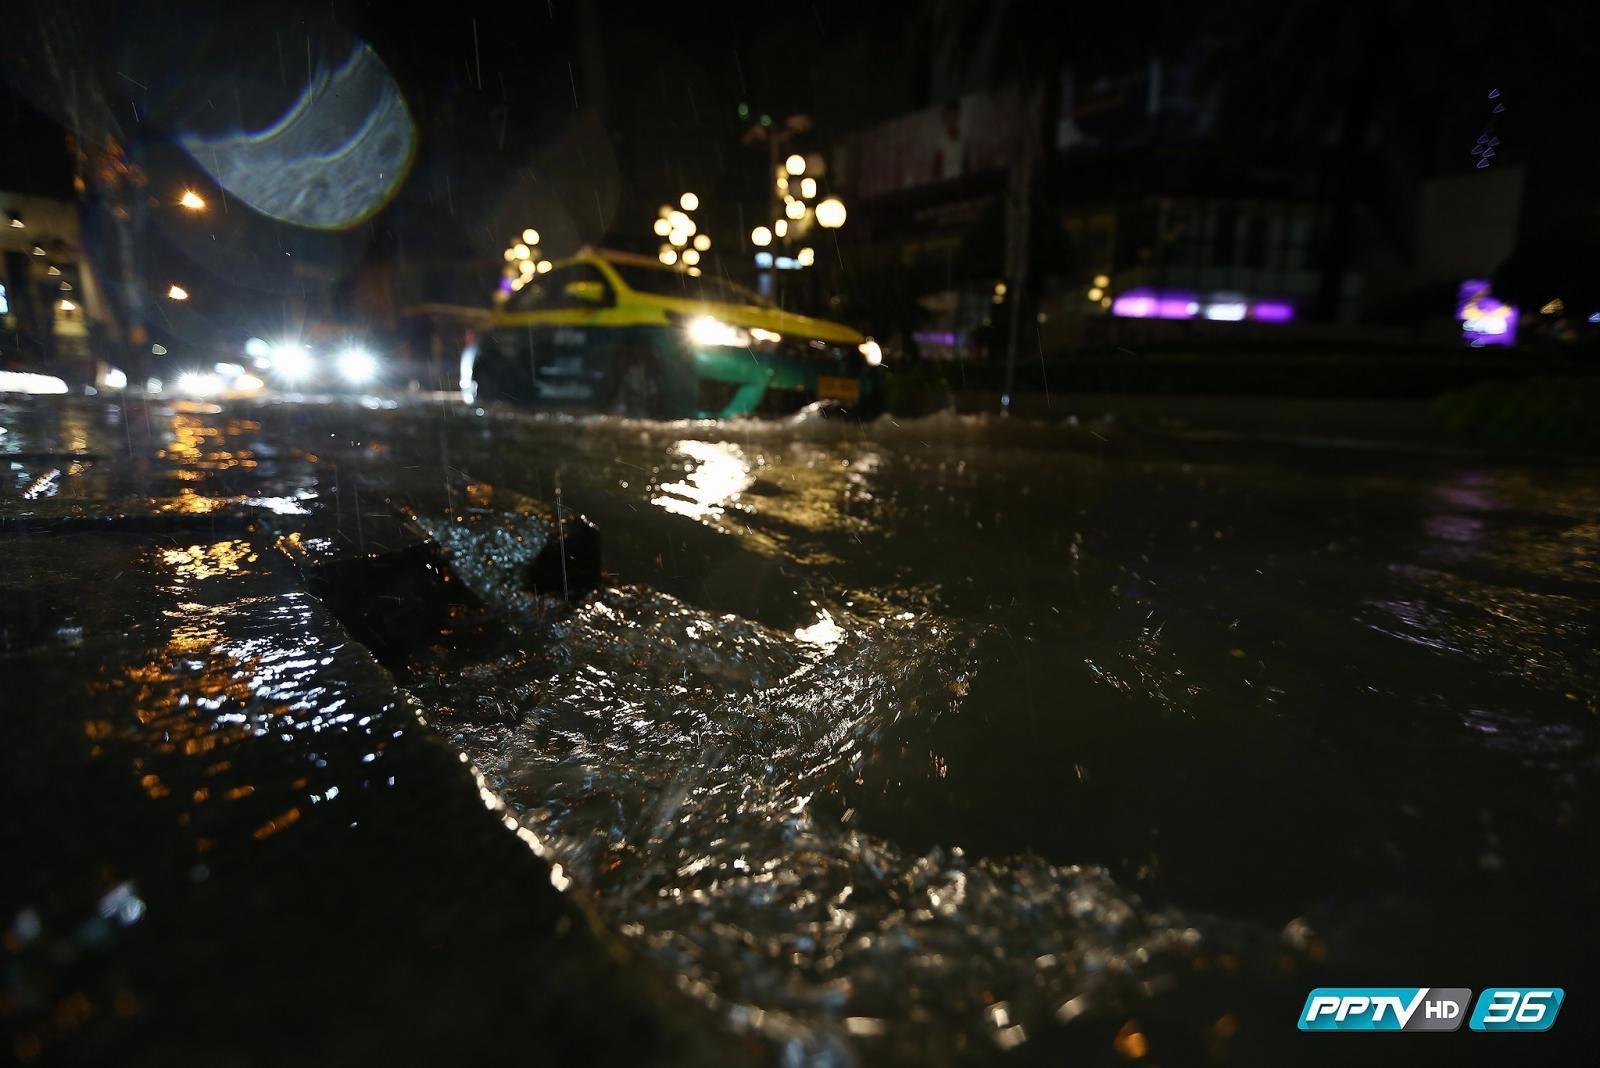 กทม.เร่งระบายน้ำท่วมขังหลังฝนถล่มกรุง (คลิป)